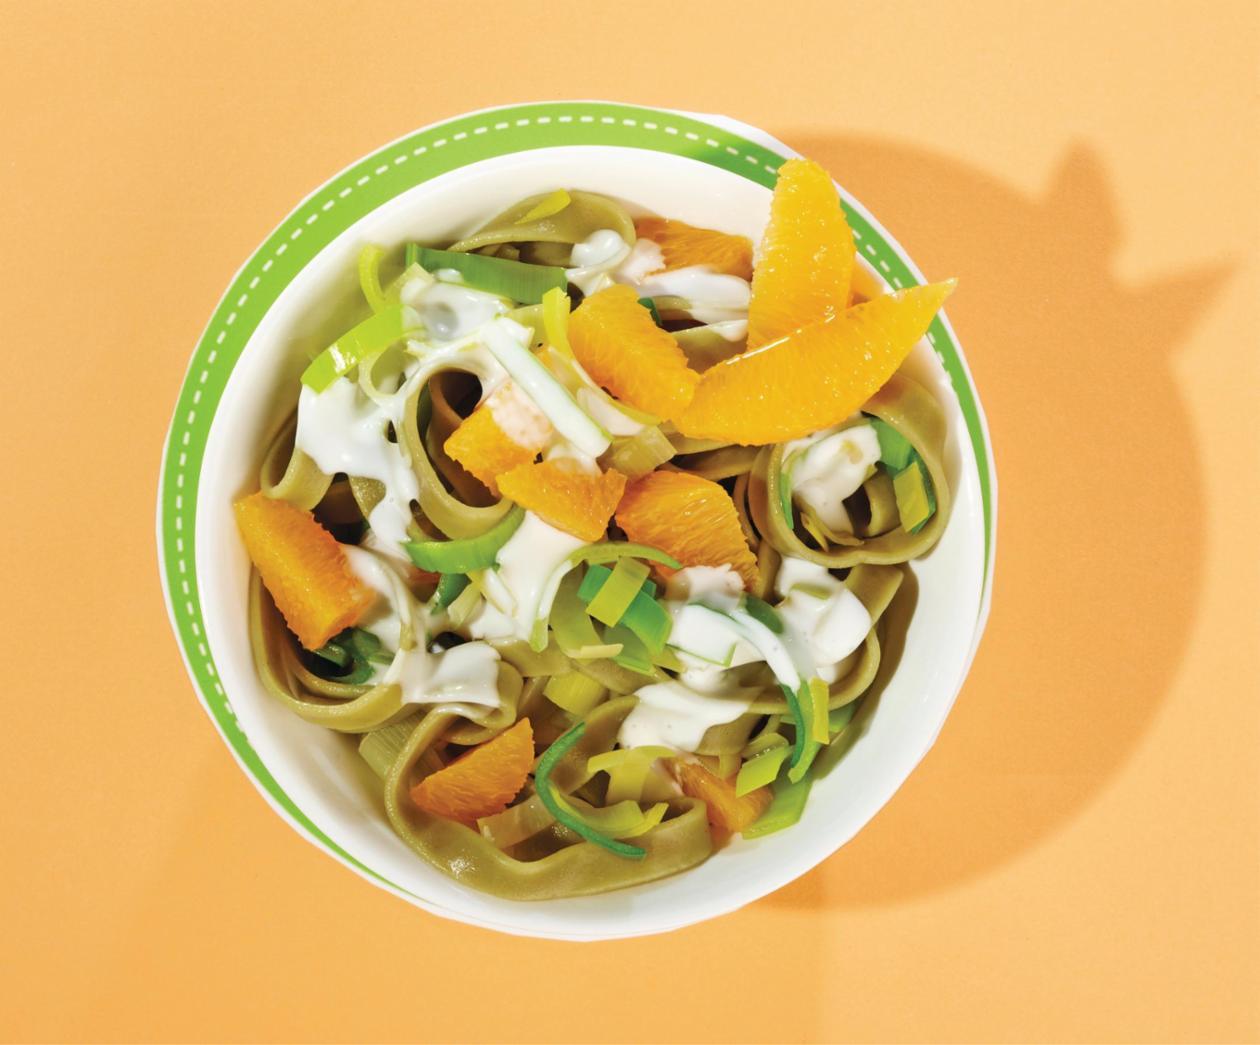 Nudel-Lauch-Salat mit Kresse